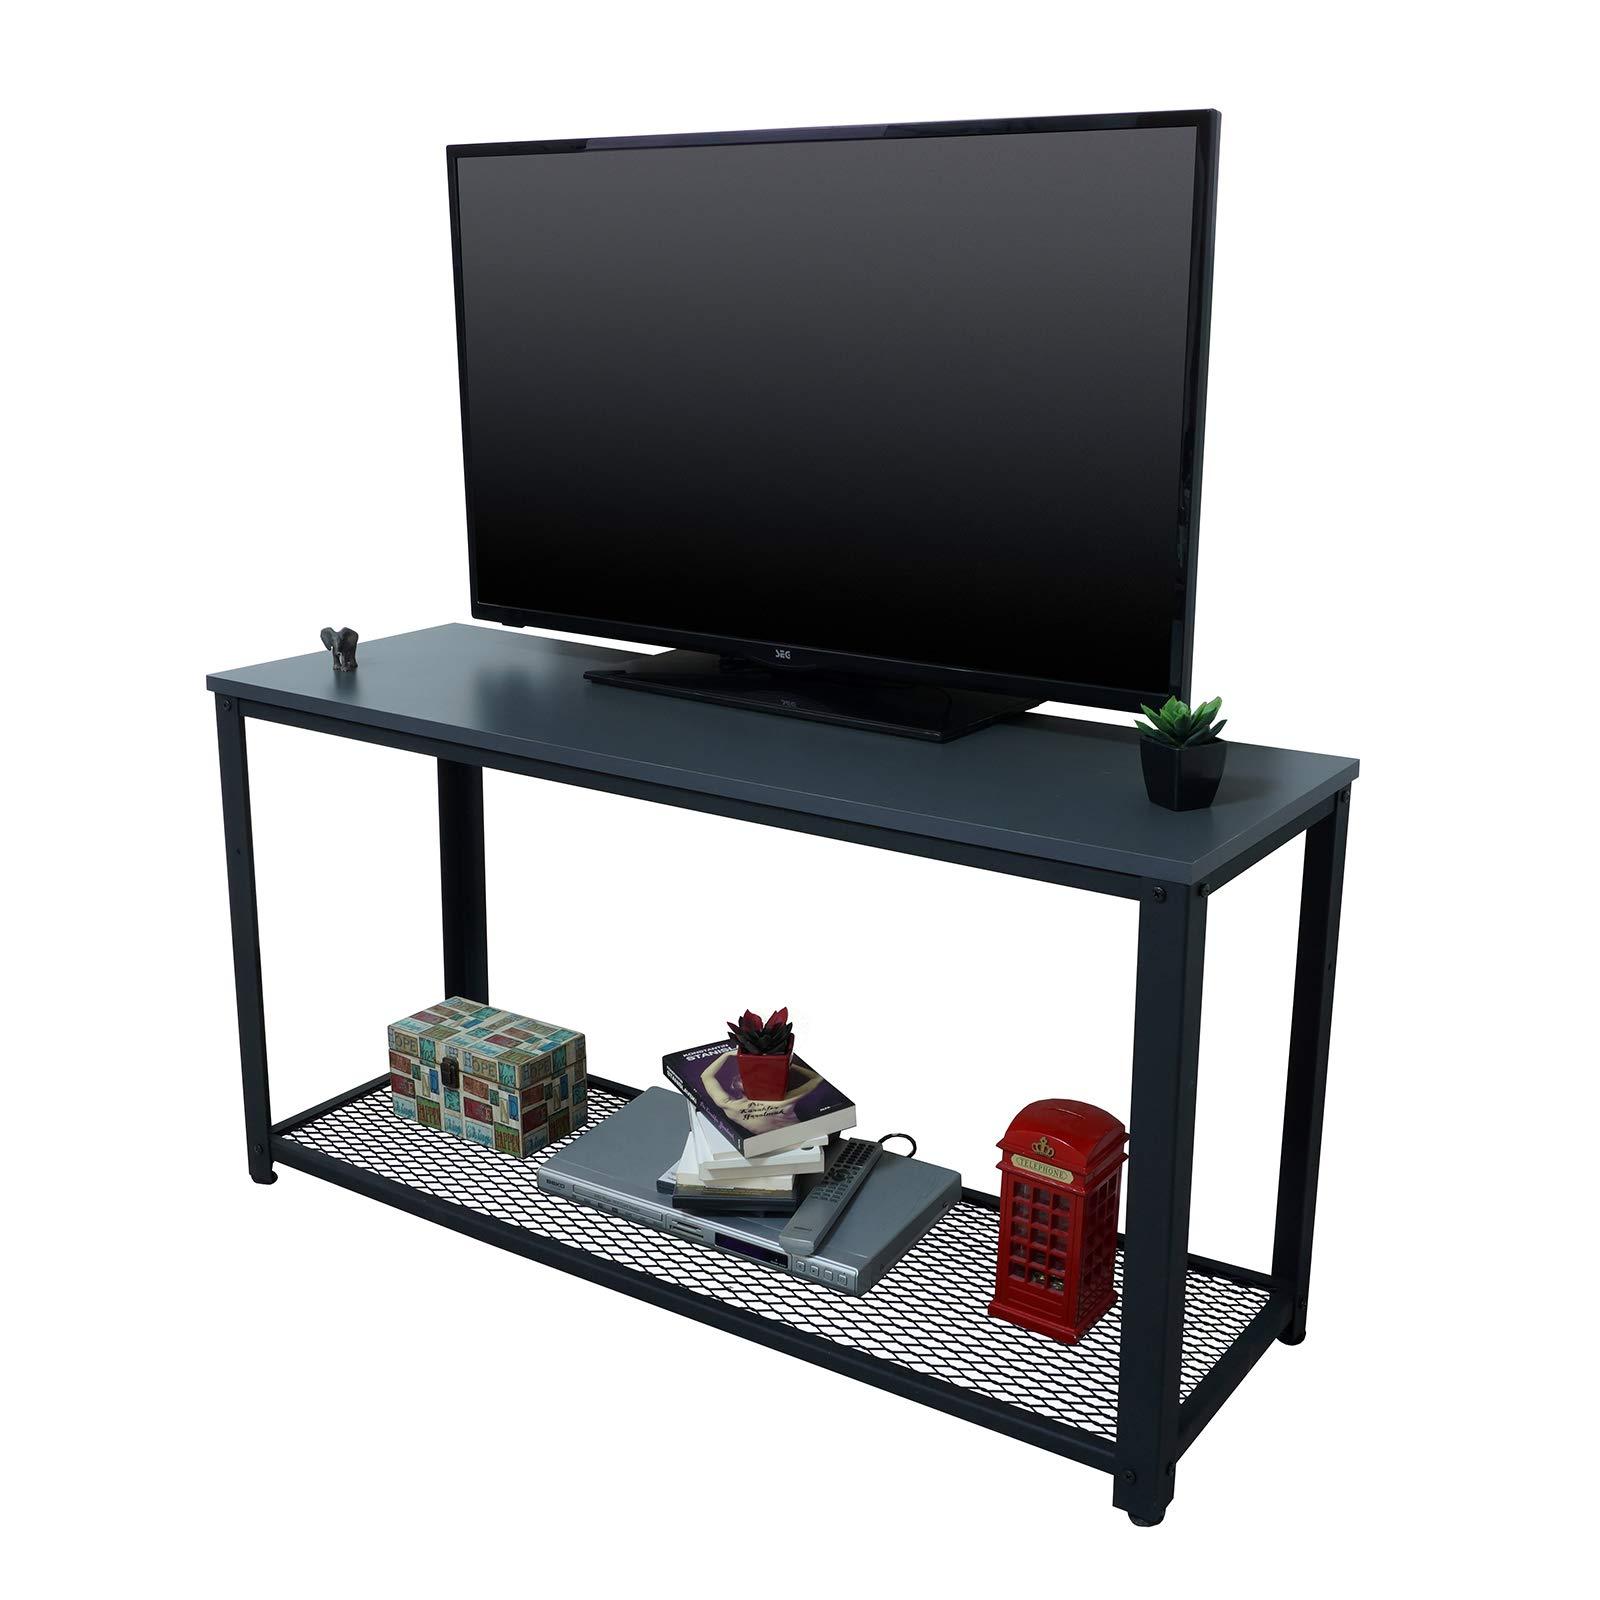 Yurupa Vision RG39-AN-04 - Mueble para televisor, diseño Industrial, Color Gris: Amazon.es: Hogar